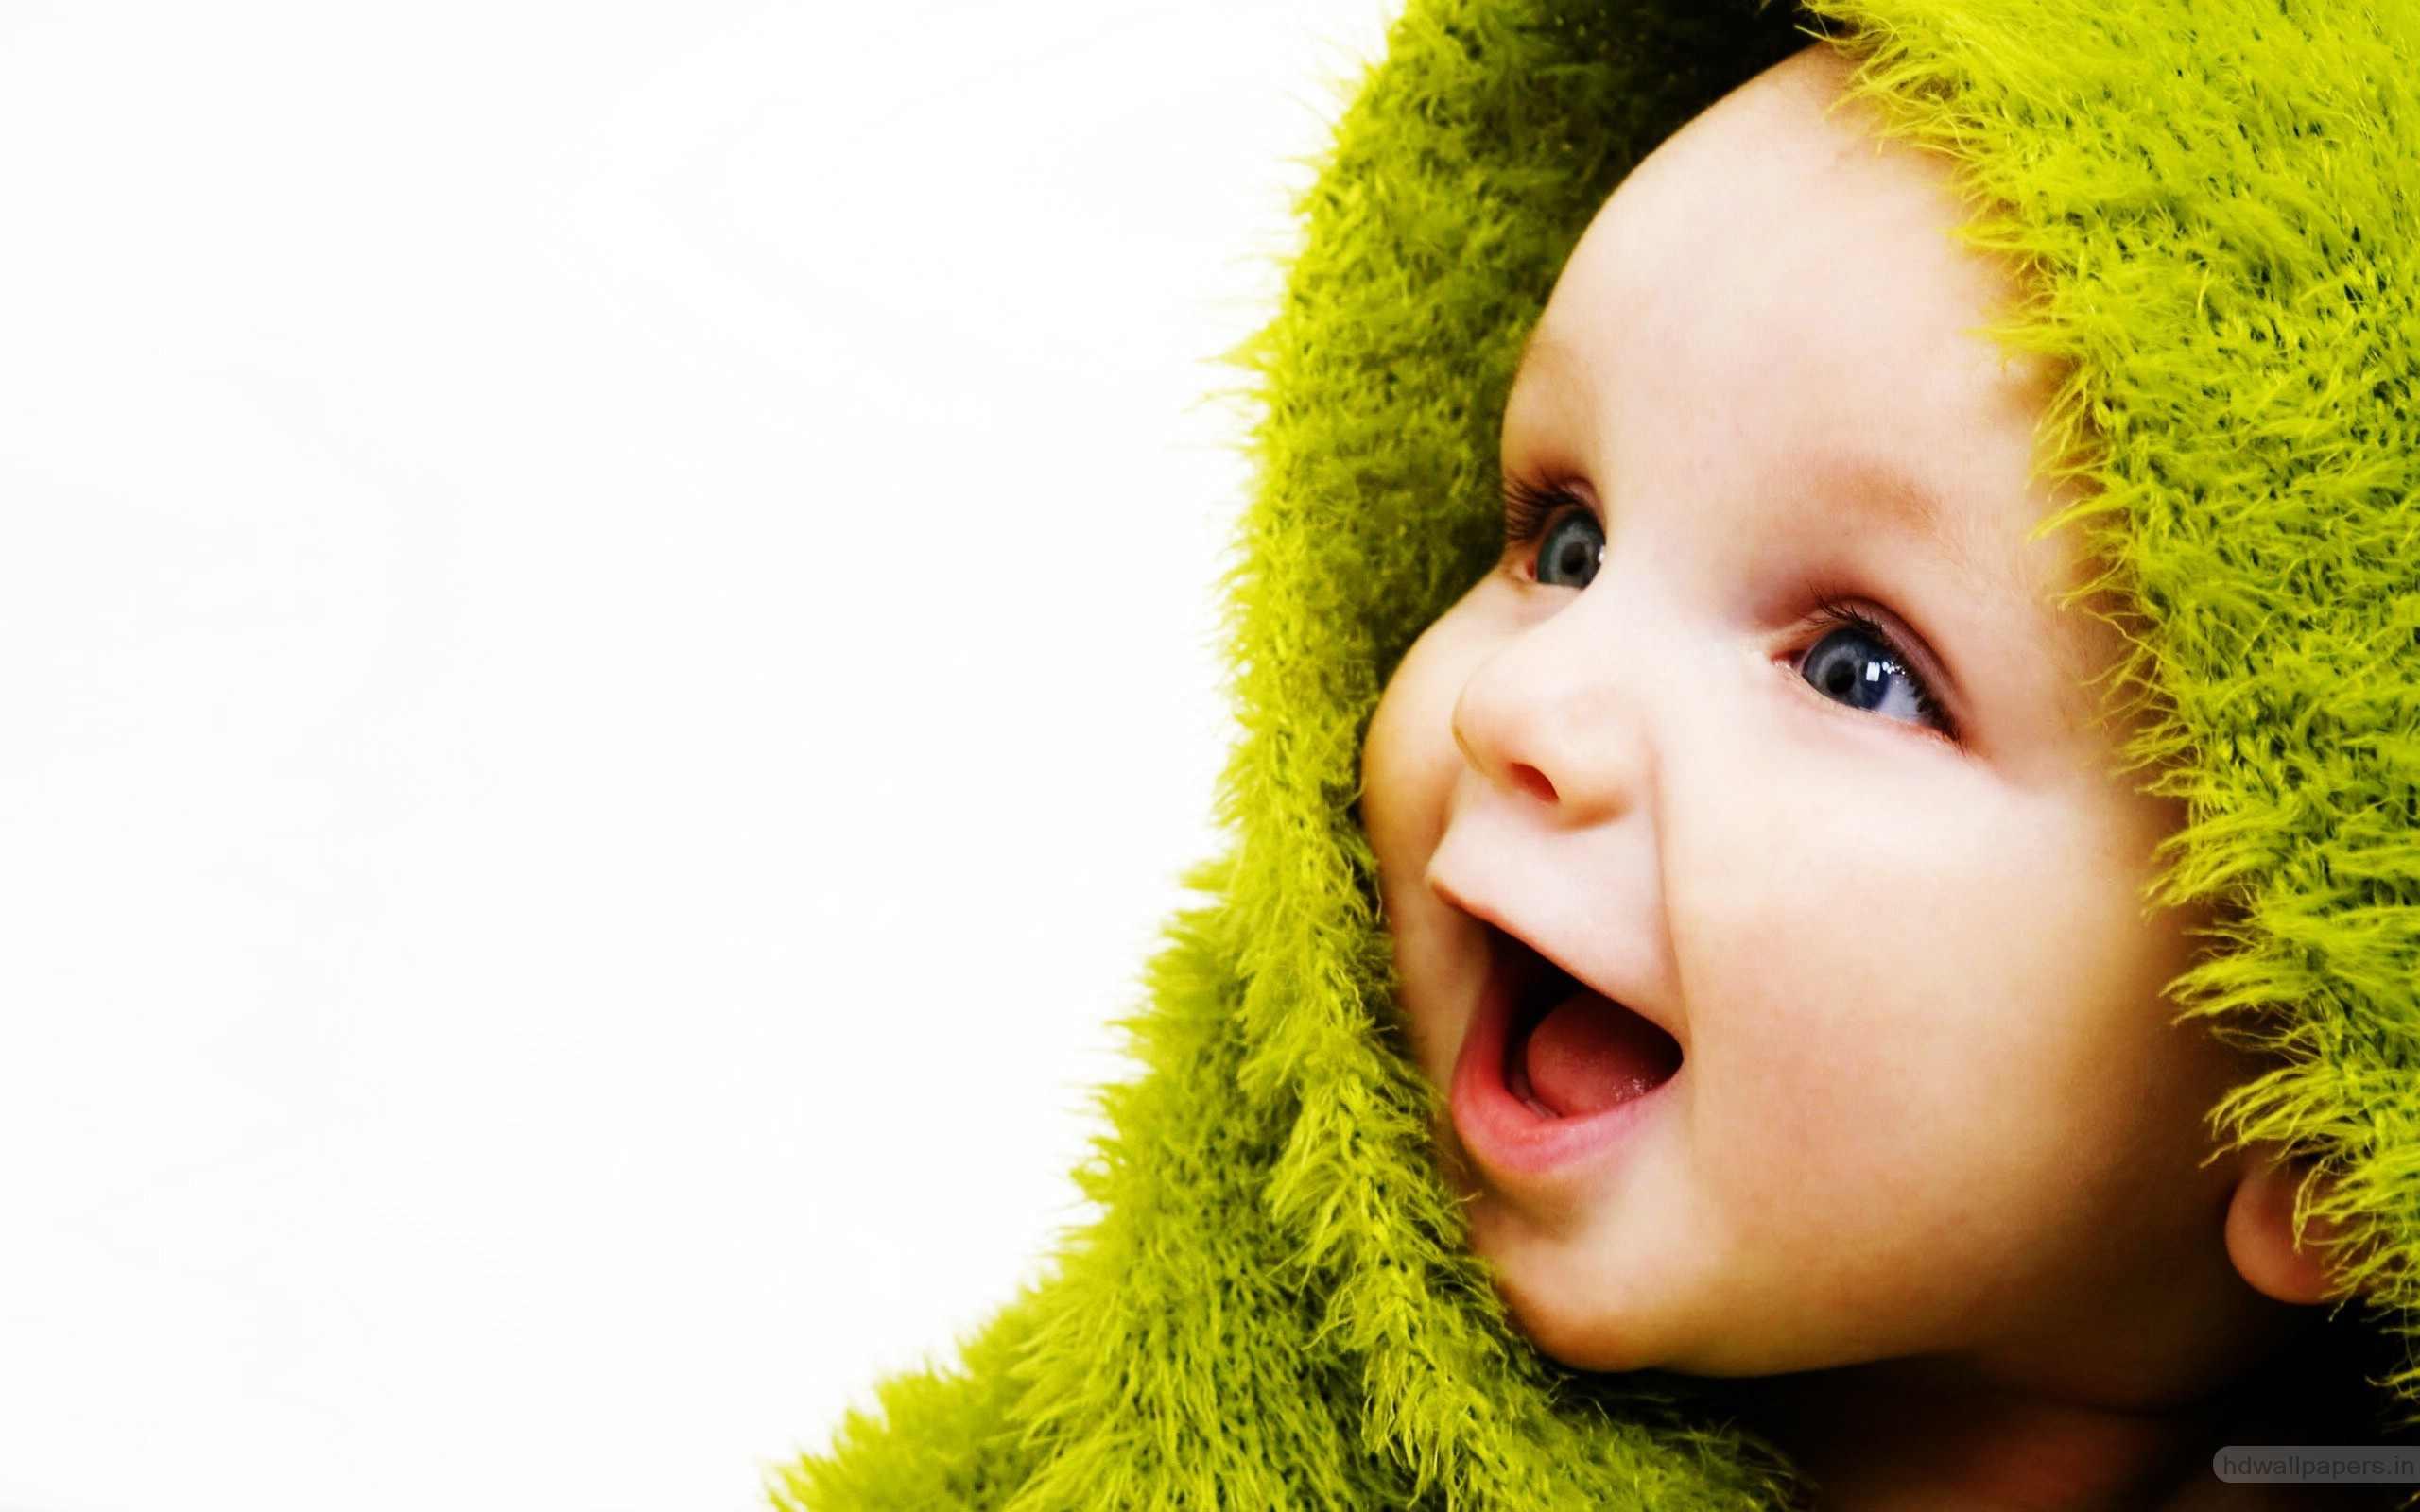 بالصور صور اطفال صغار , اجمل بيبز ممكن تشوفهم ياسروا القلوب والعيون 3144 9